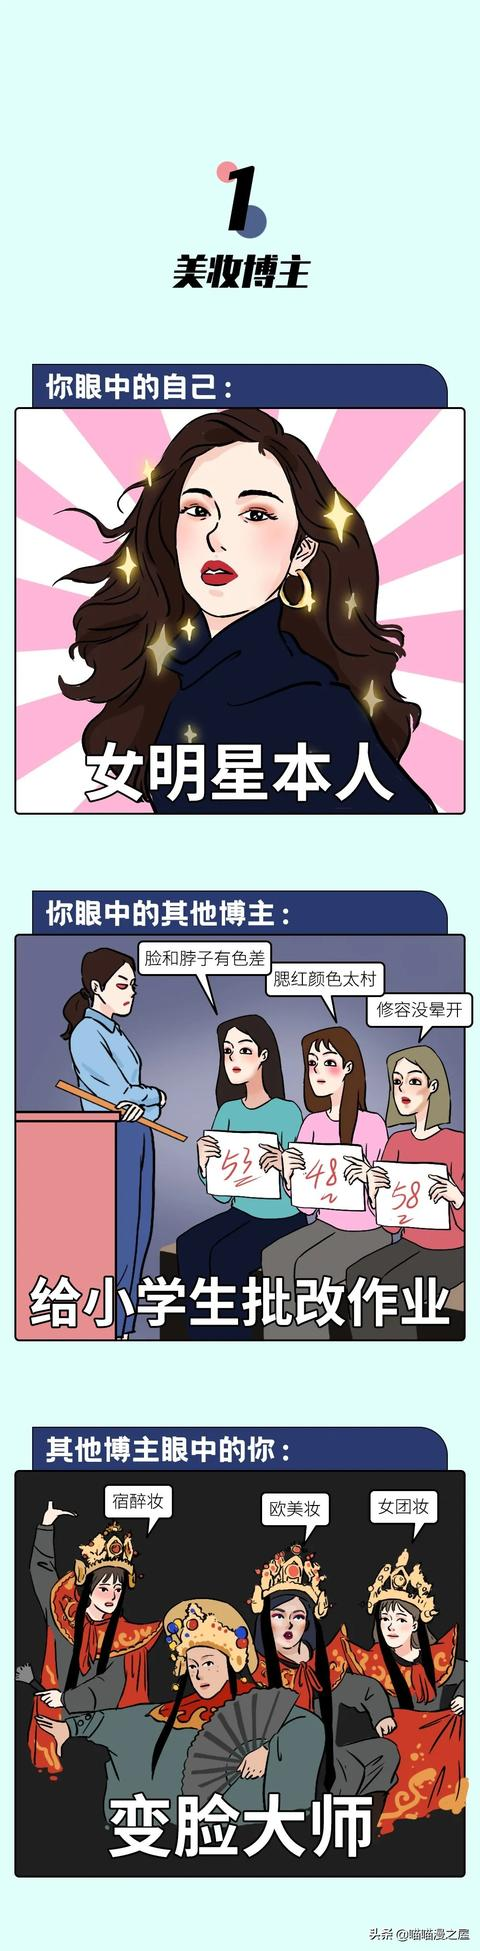 被x漫画,顶级博主撕X现场,速来吃瓜!(漫画)